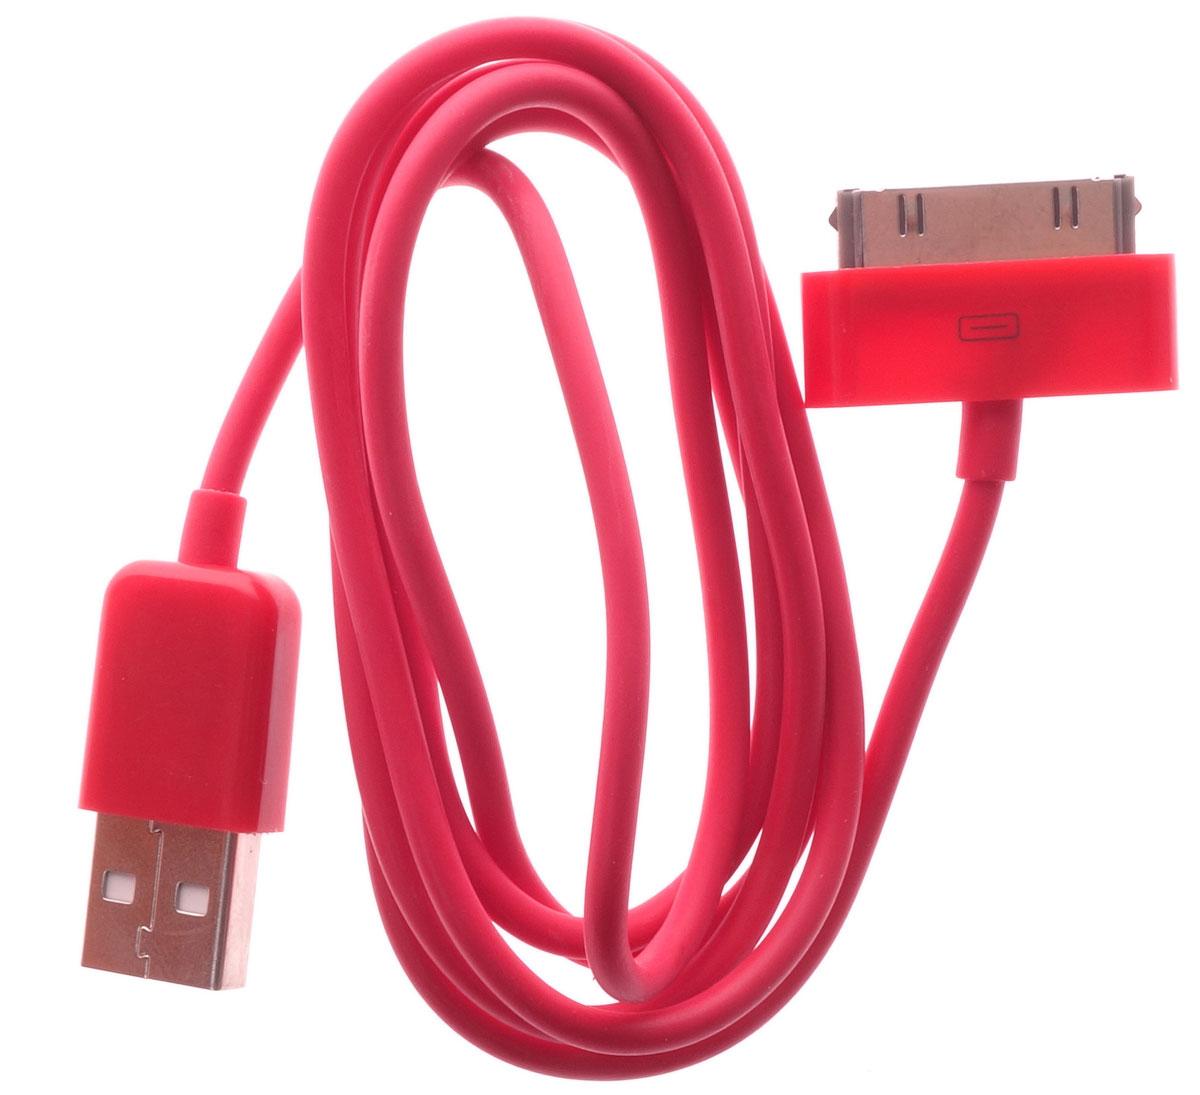 OLTO ACCZ-3013, Red кабель USBO00000261Кабель OLTO ACCZ-3013 для соединения устройств разъемом Apple 30-pin c USB-портом. Он может использоваться для передачи данных, зарядки аккумулятора и адаптирован для работы со всеми операционными системами. Главное достоинство OLTO ACCZ-3013 в его внешнем виде. Он выгодно отличается от привычных и скучных расцветок стандартных кабелей.